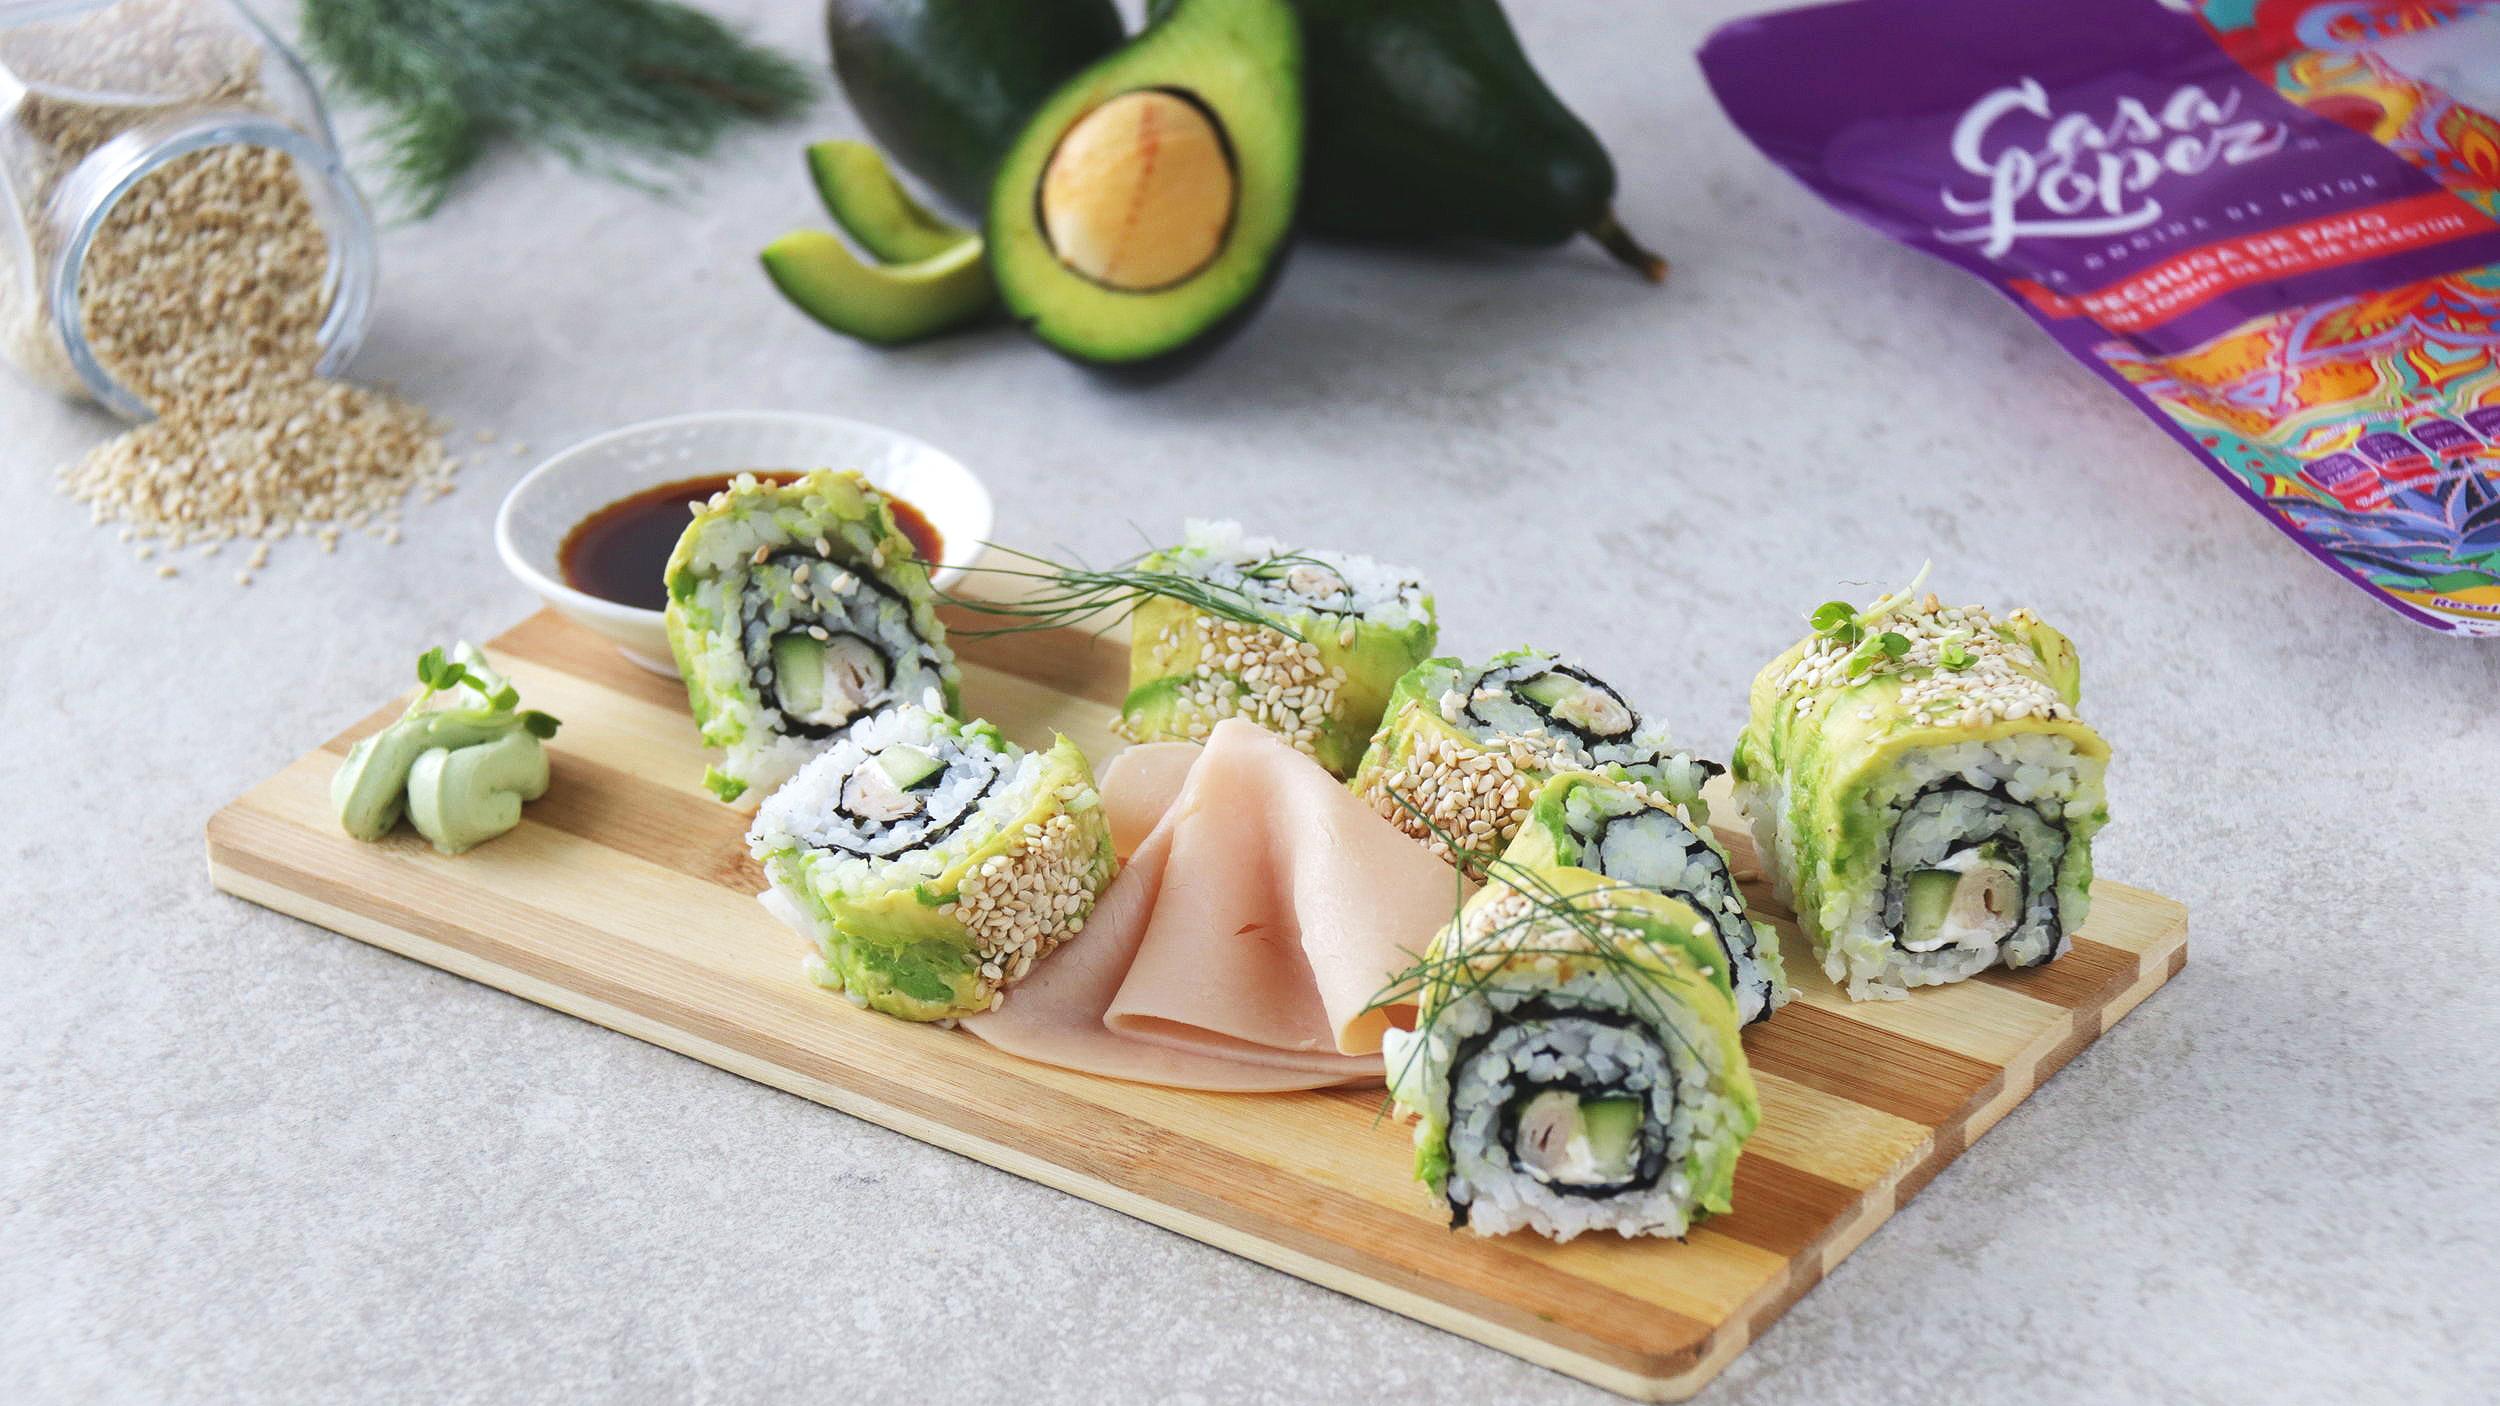 sushi-con-pechuga-de-pavo-con-un-toque-de-sal-de-celestun